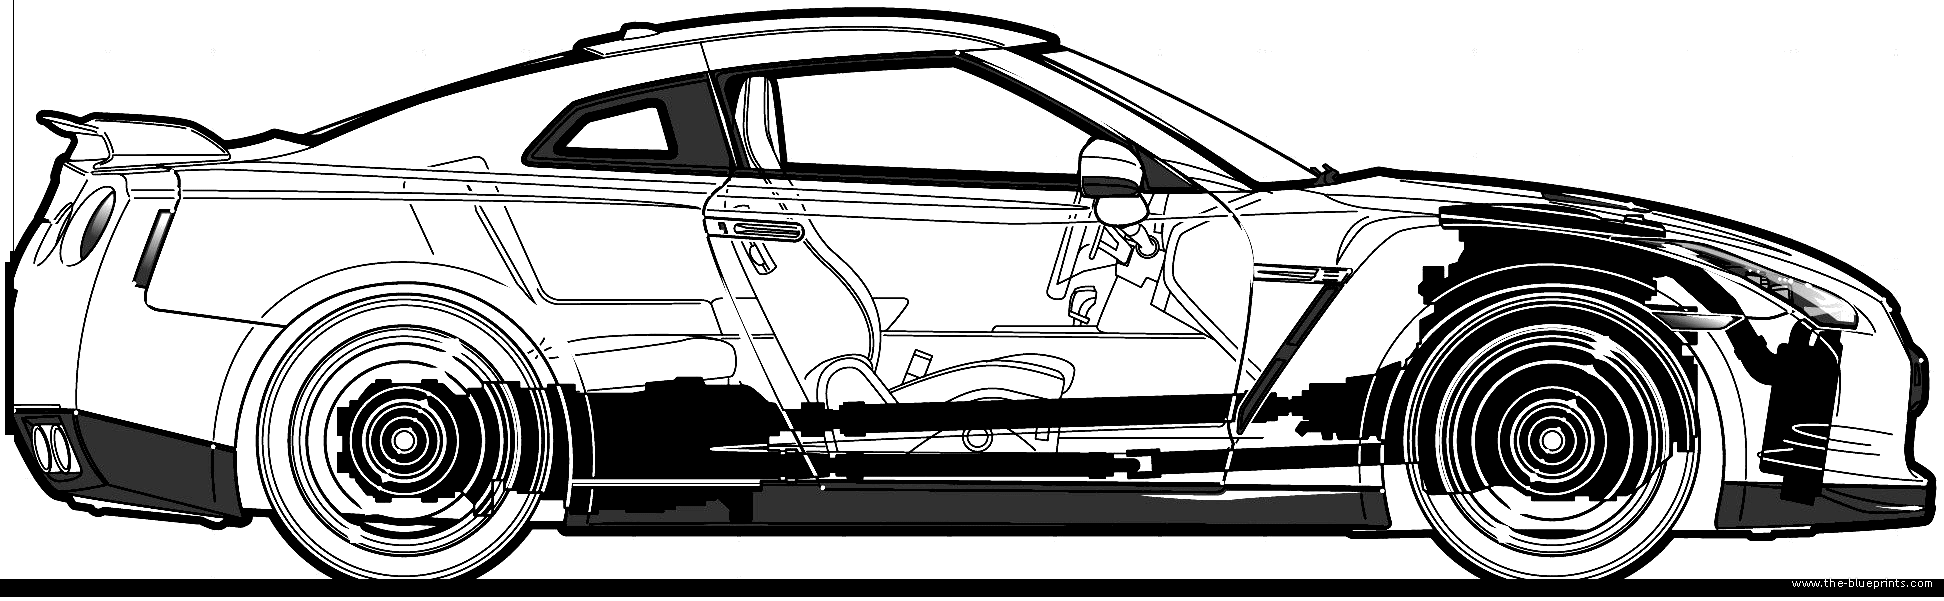 Nissan Gtr R35 Blueprint Recomended Car Sketch Gt R Blueprints Source Cars Premium 2010